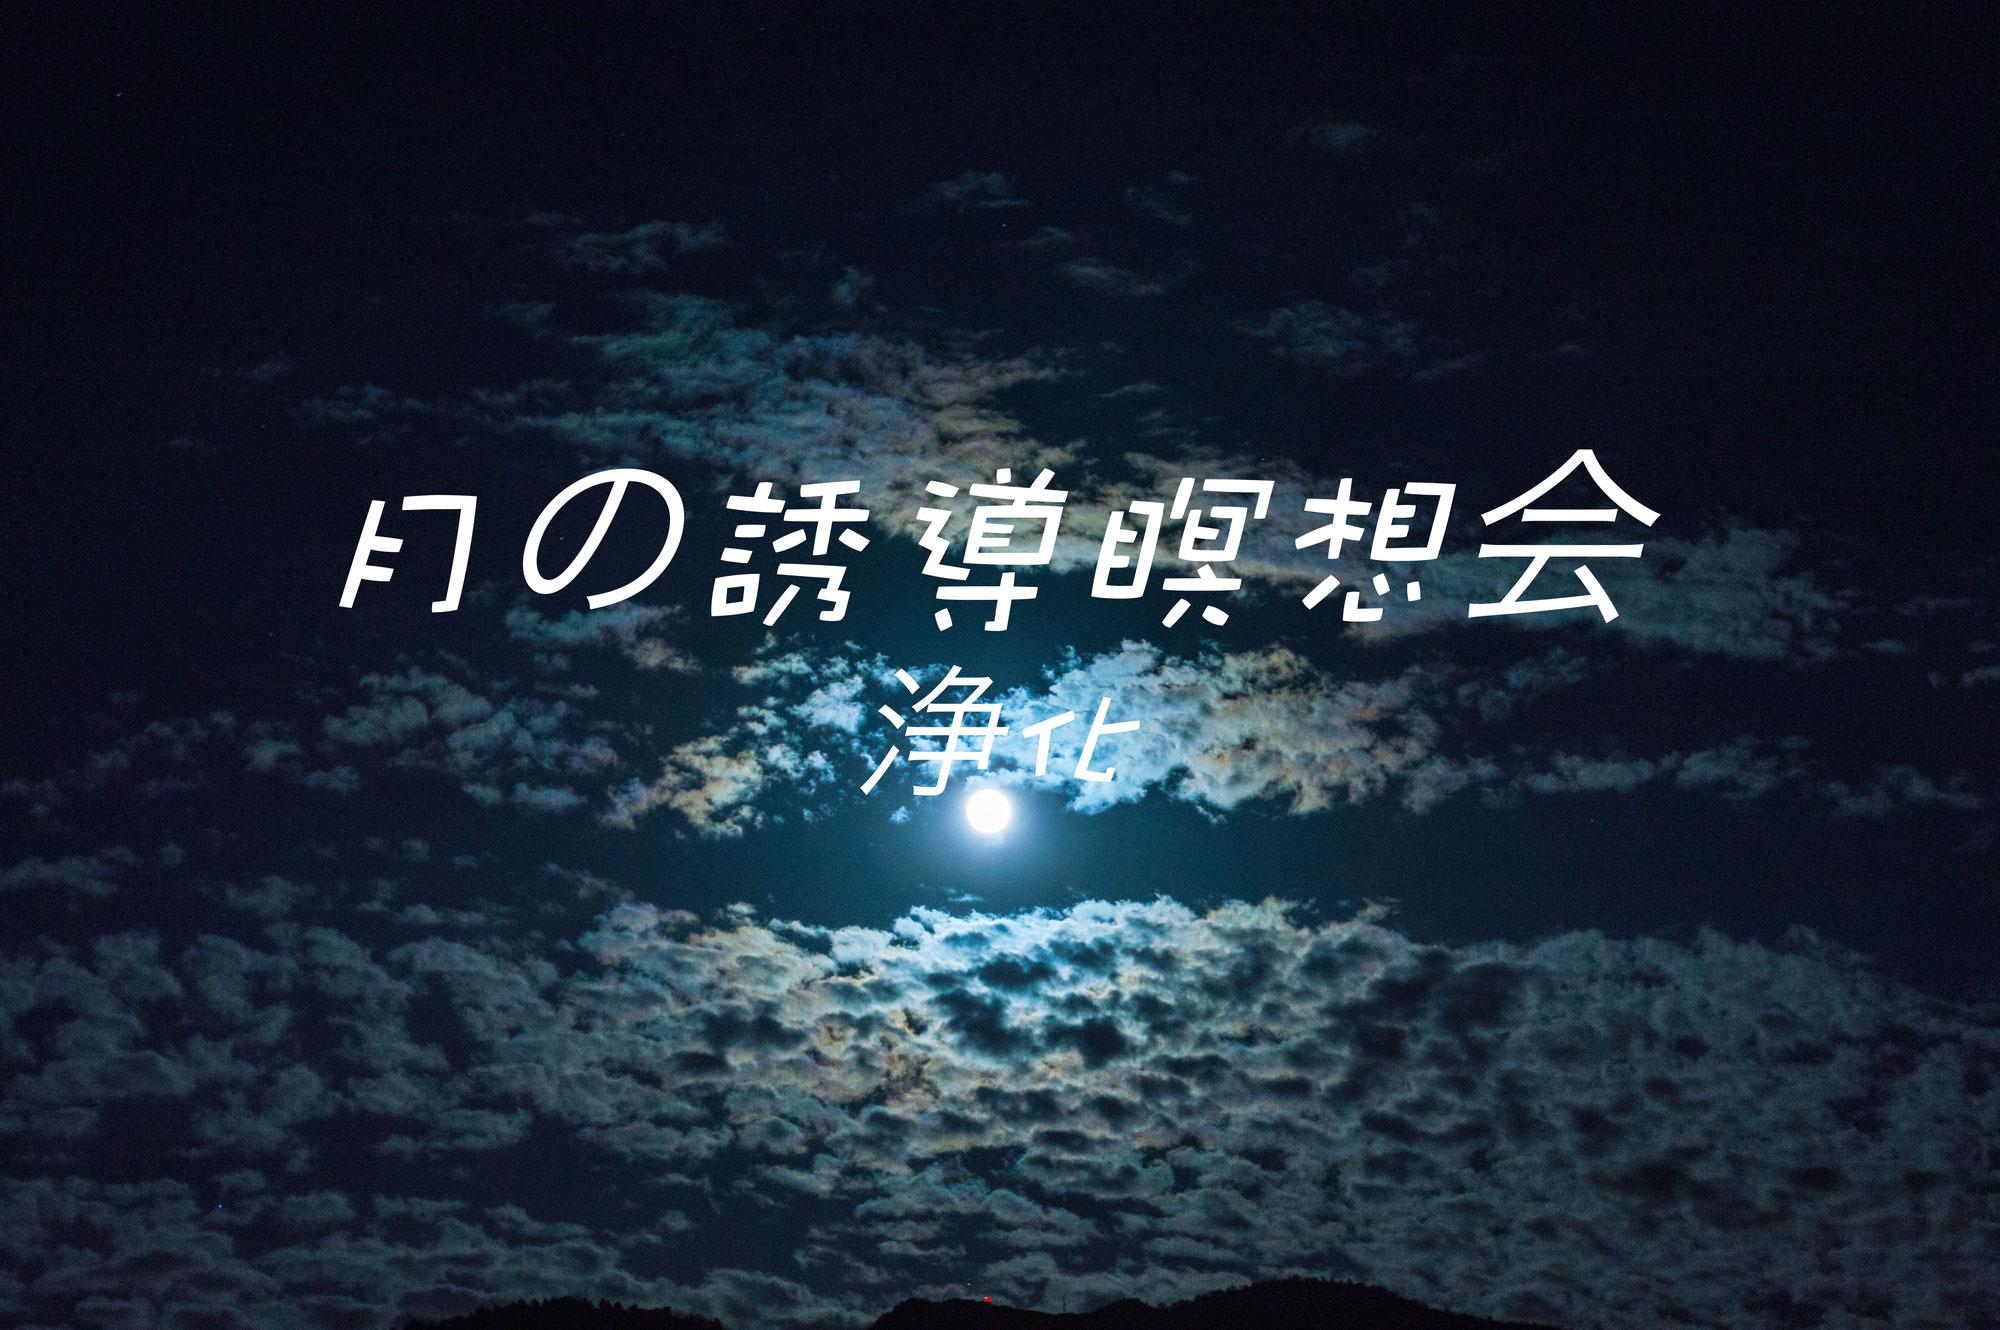 月の誘導瞑想会 第2・4土曜日開催